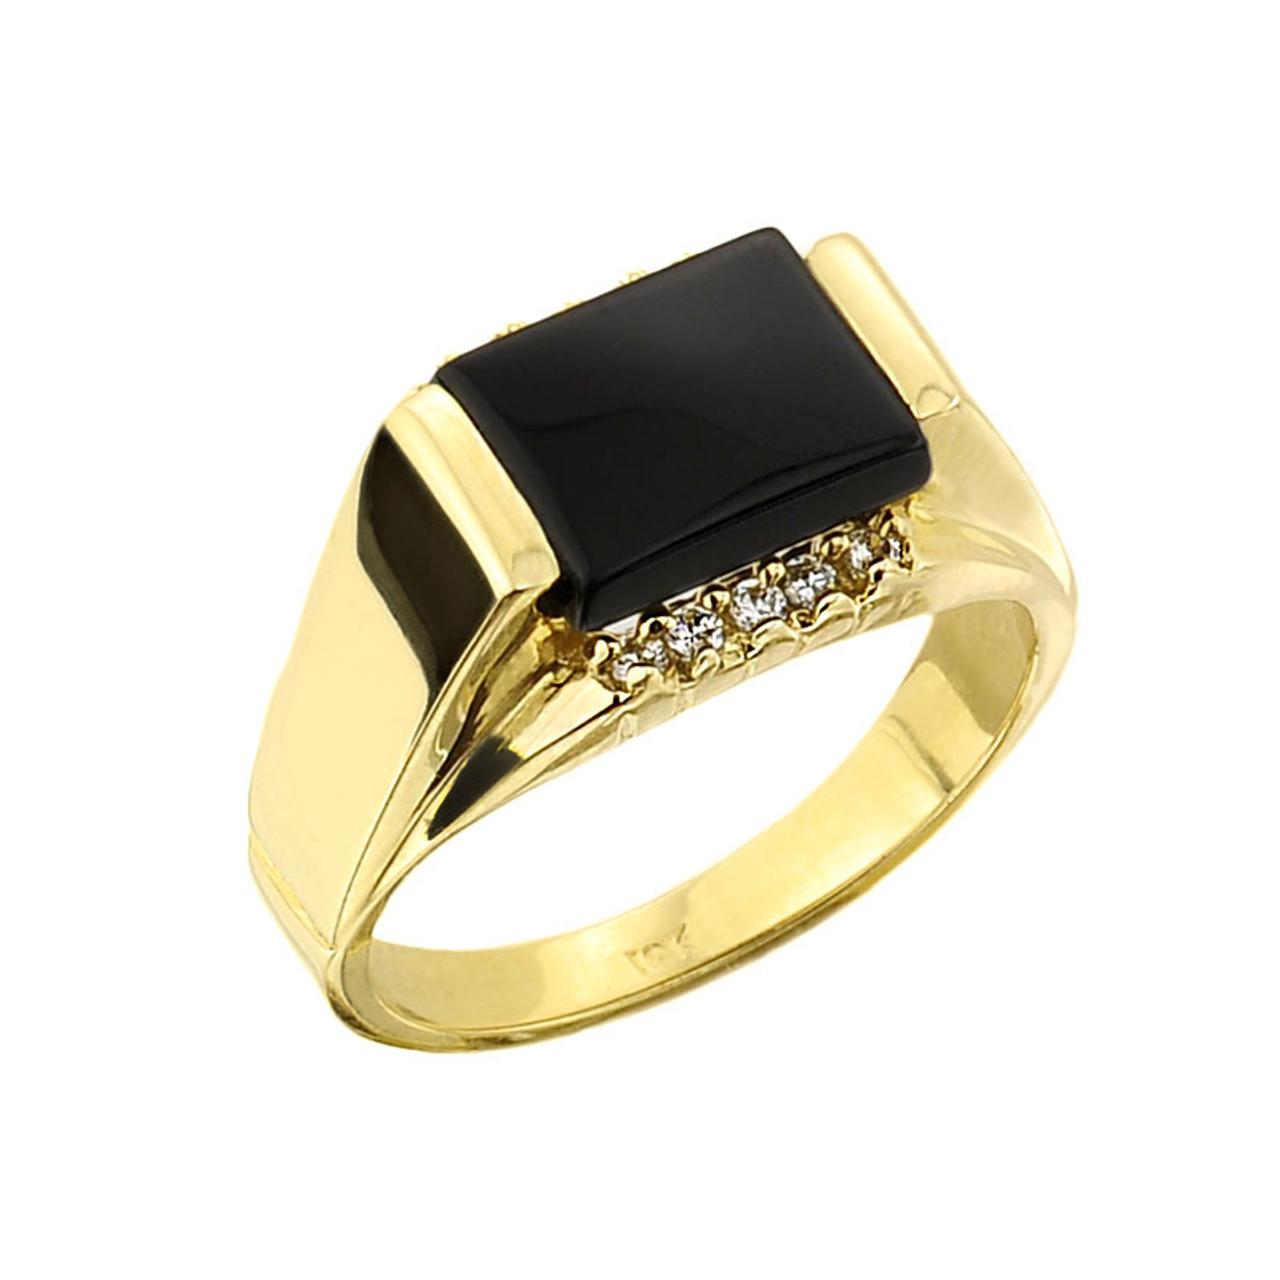 mens gold black onyx ring